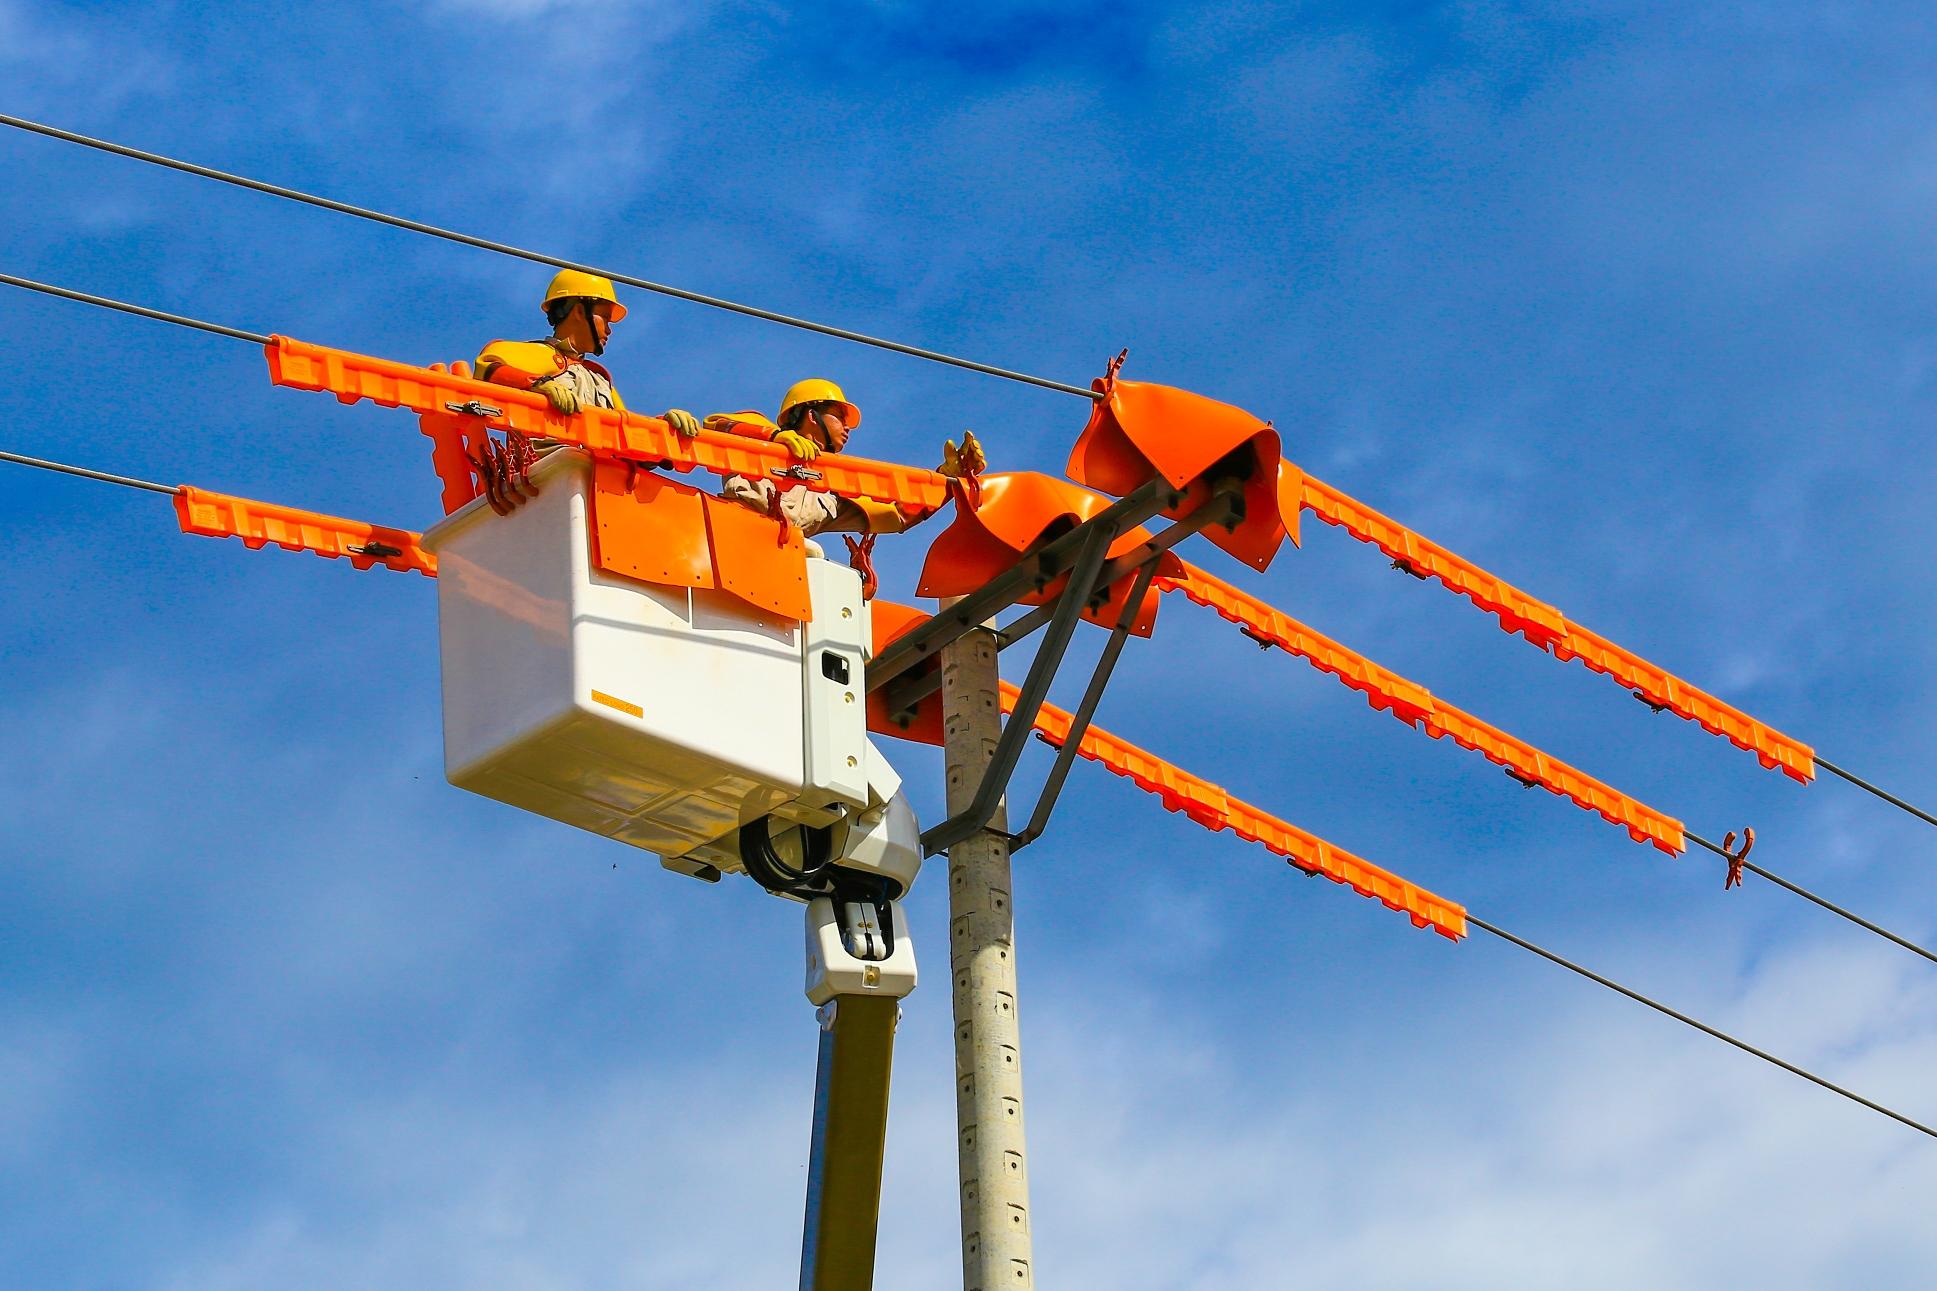 Lần thứ 3 giảm giá điện: Khách hàng nào thuộc đối tượng được giảm?